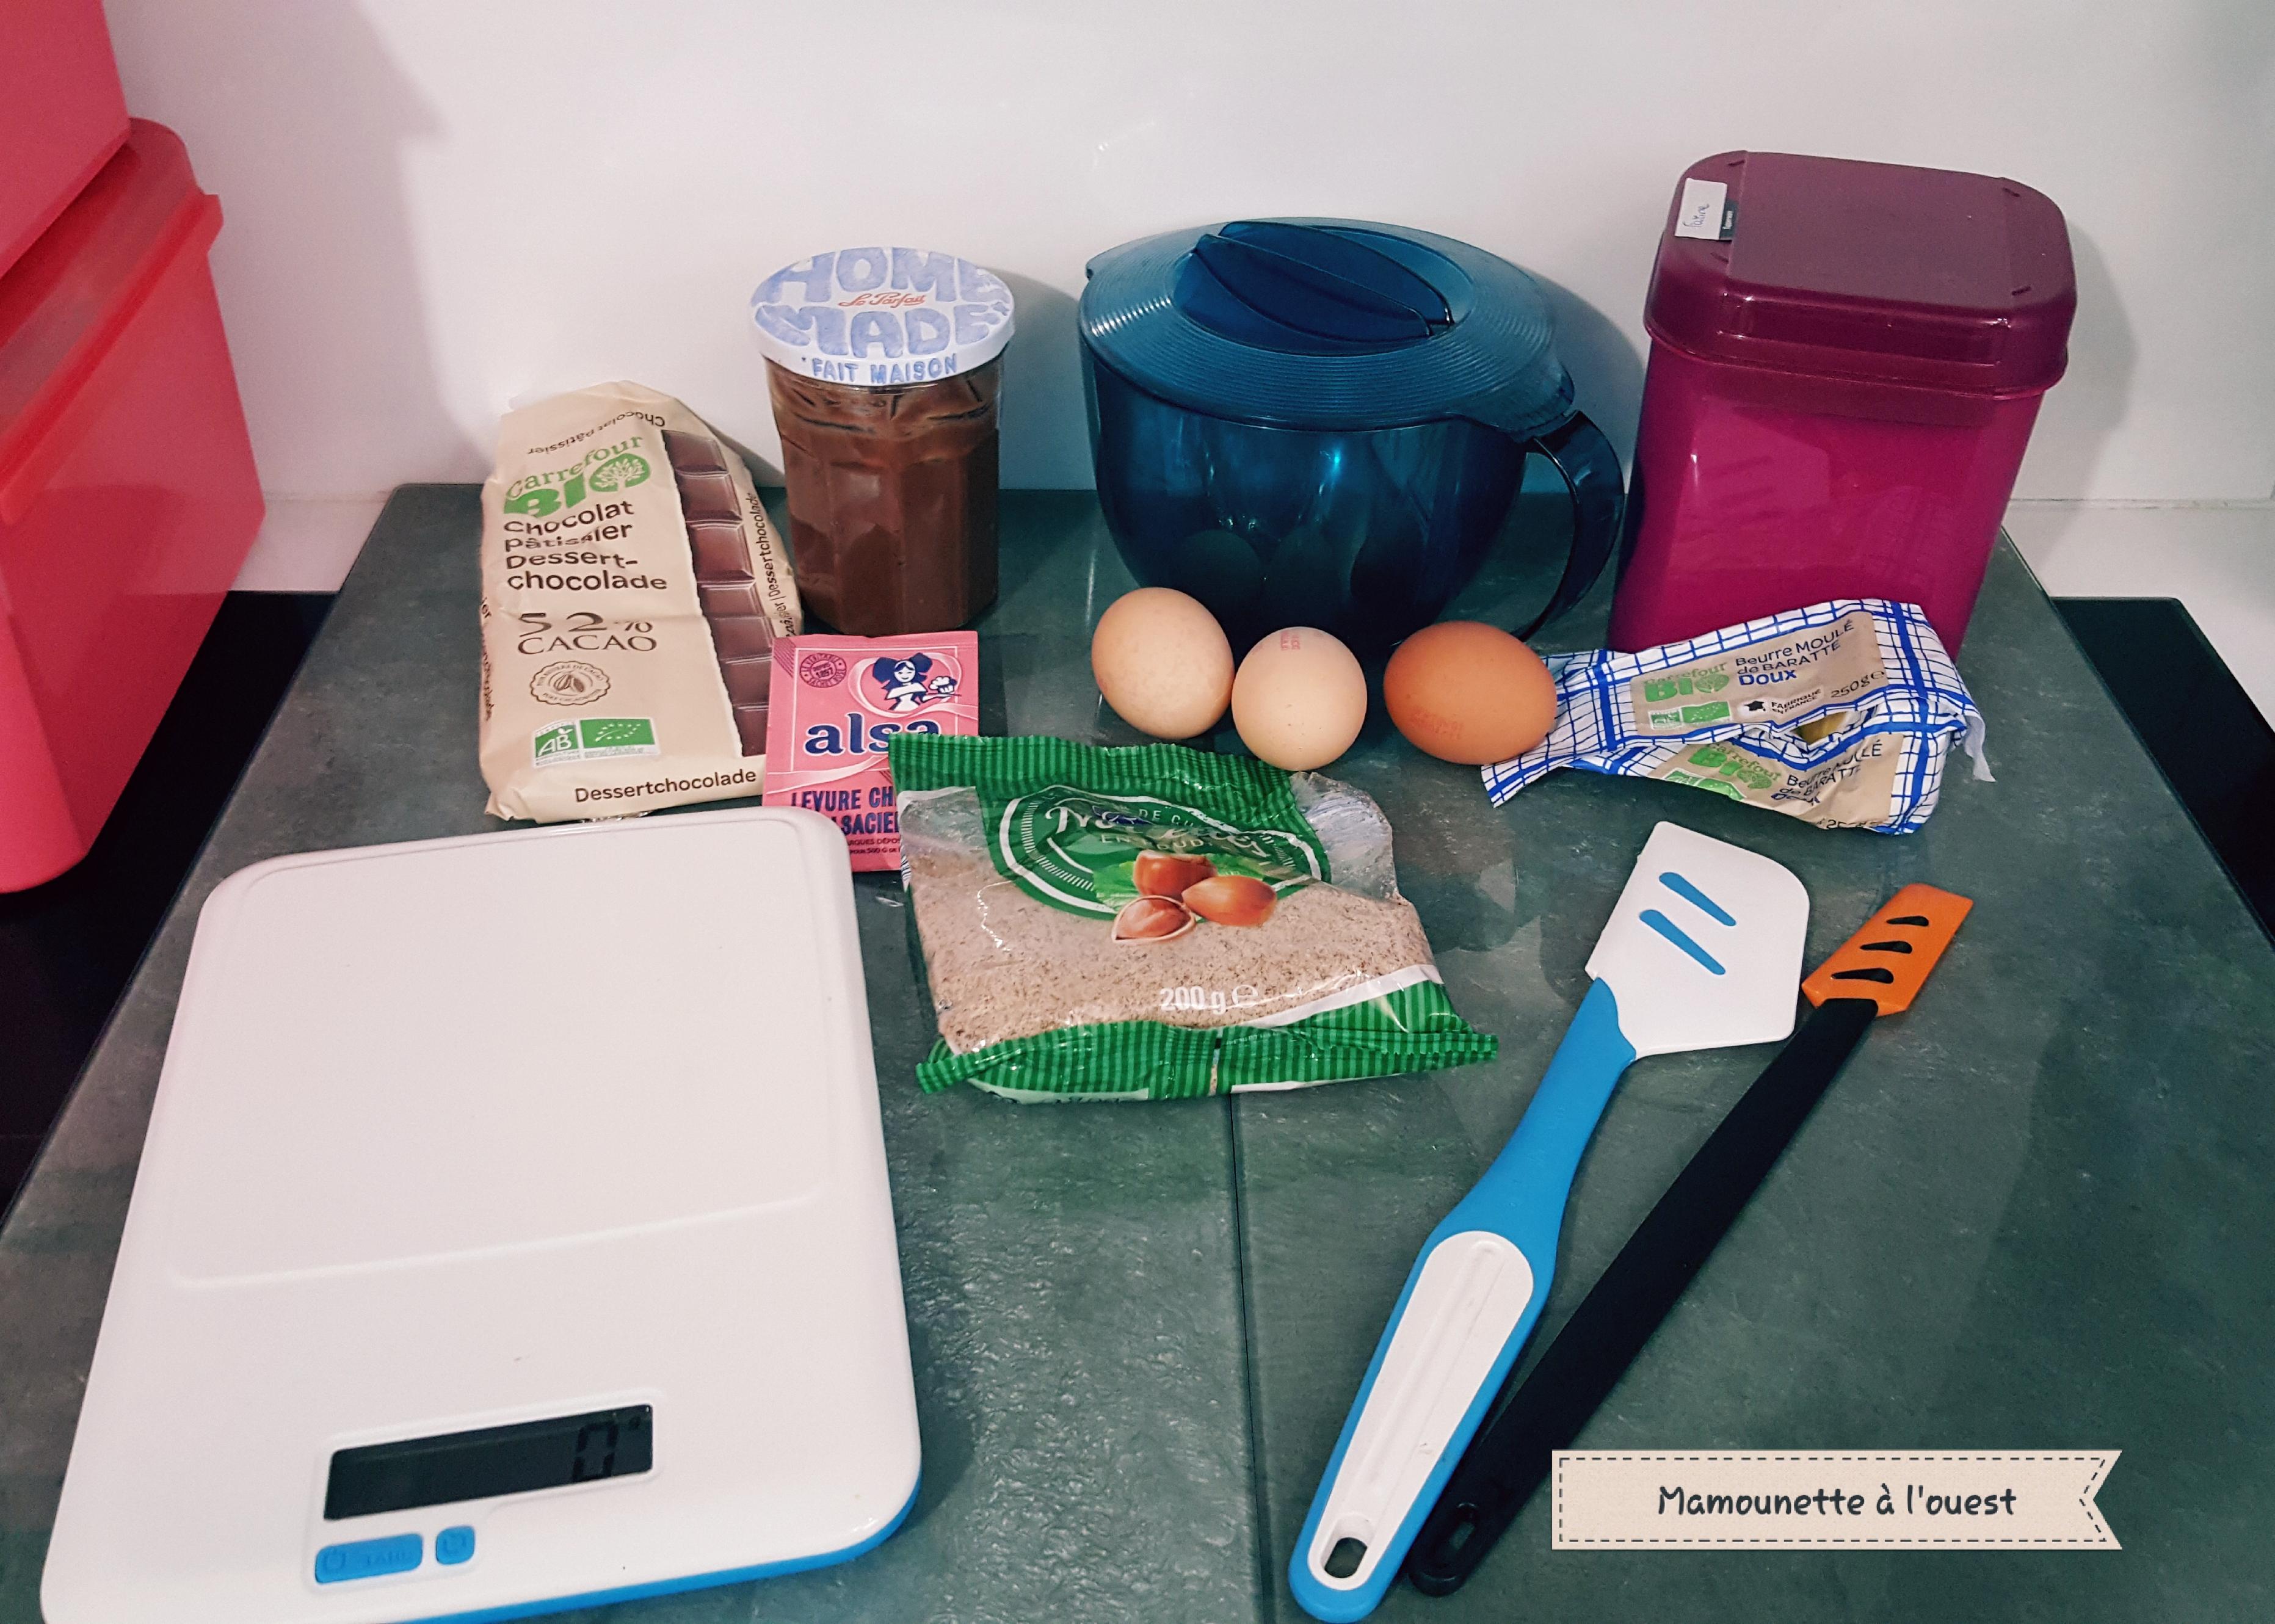 Les ingrédients pour réaliser le gâteau moelleux, chocolat / noisettes, au pichet micocook de Tupperware.